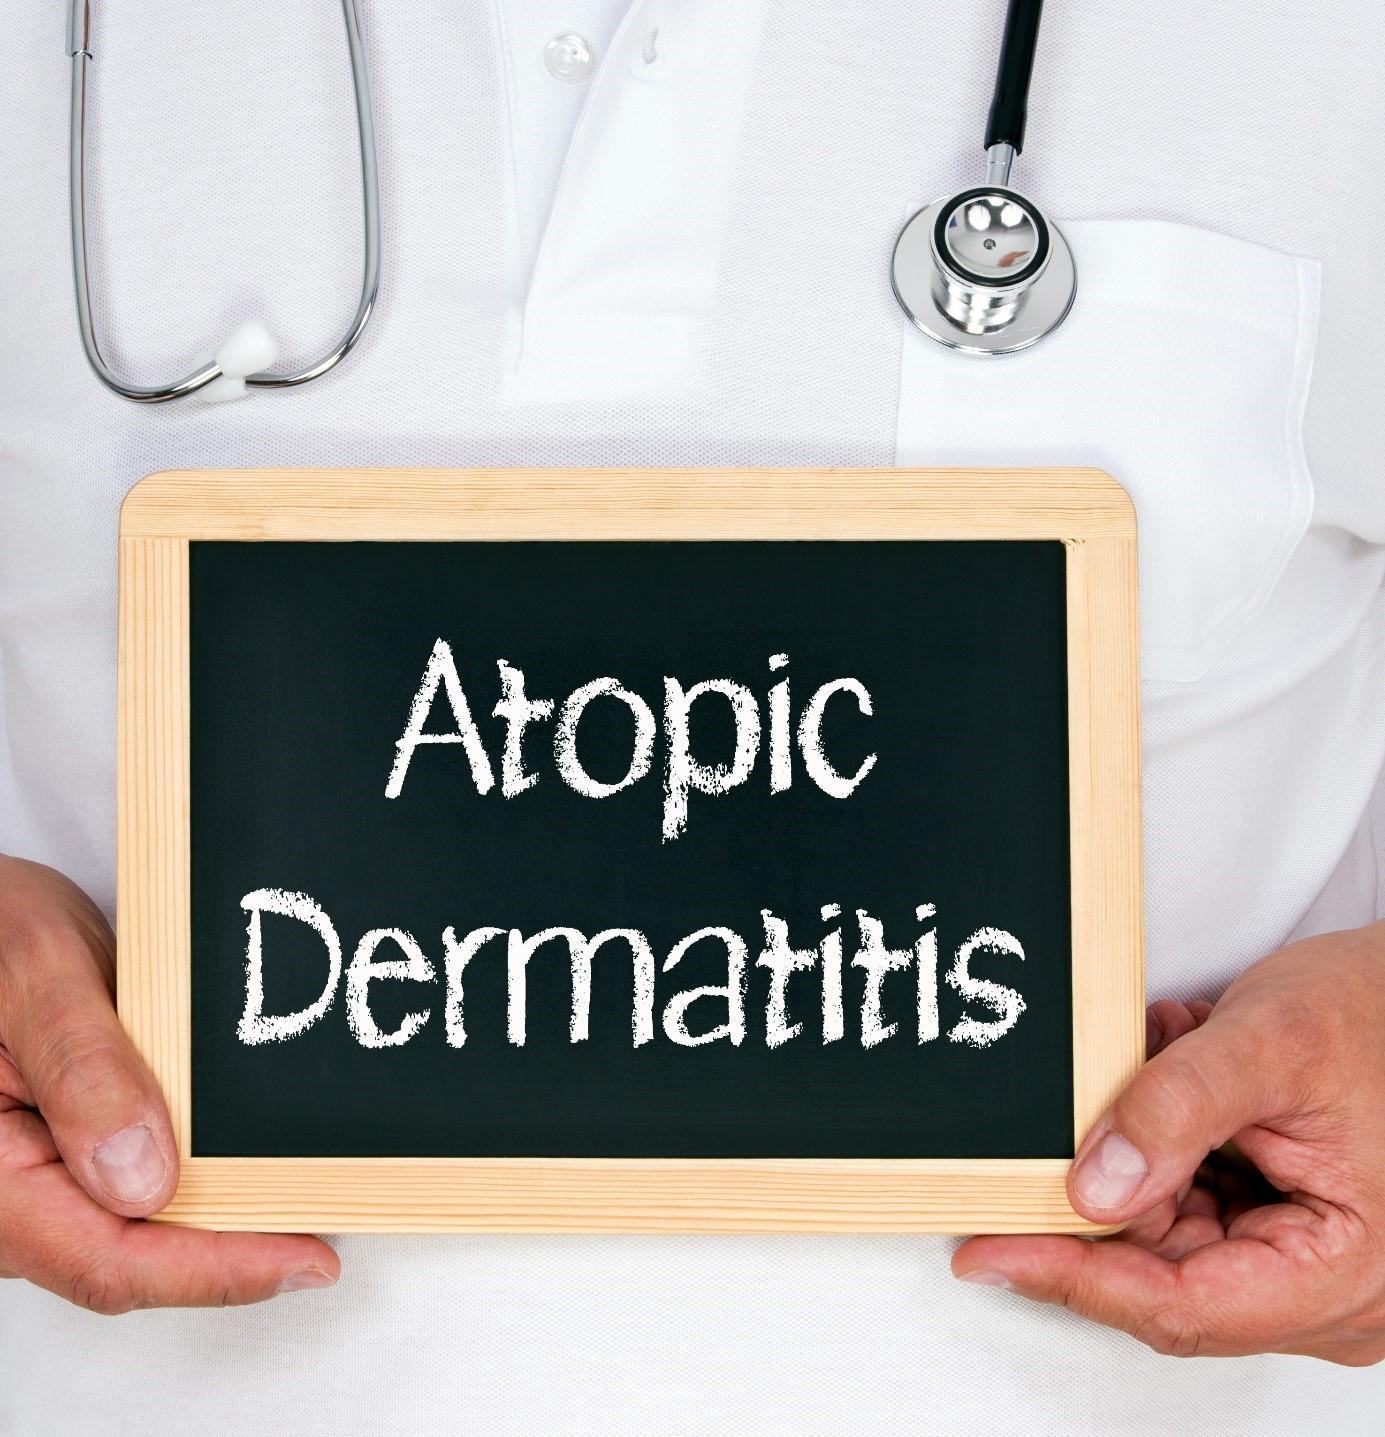 Tacrolimus Melhora a Integridade do Estrato Córneo em Pacientes com Dermatite Atópica